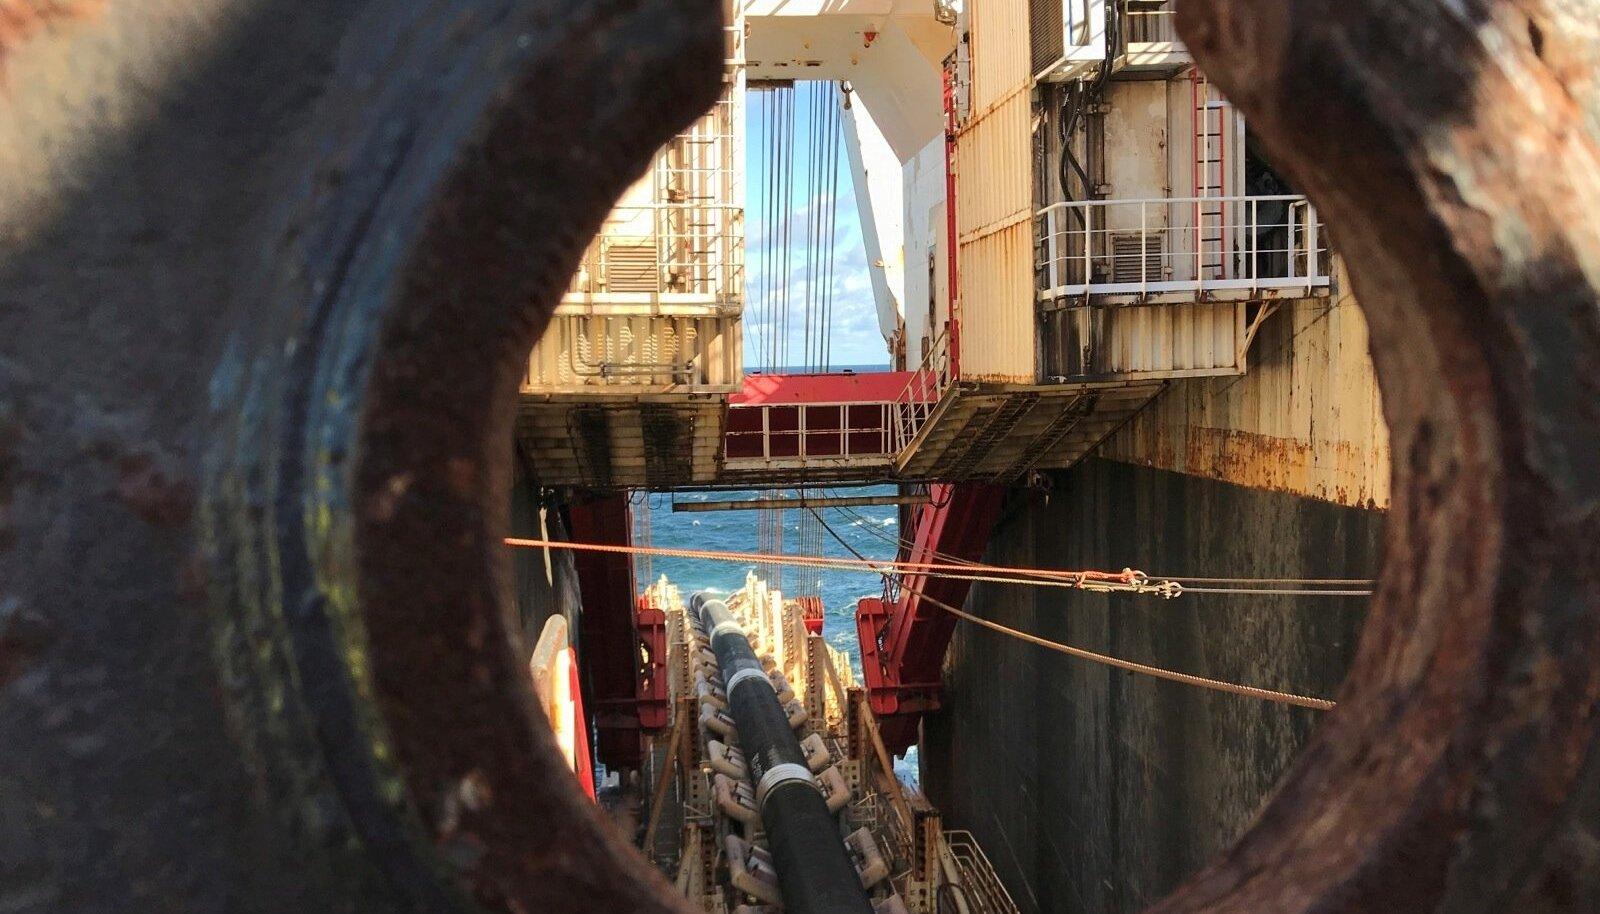 Šveitsi ettevõtte Allseas torupaigalduslaeval peaks nüüd kiire töö asemel valitsema vaikus. USA on oma sanktsioonidega võtnud sihikule just selle firma.